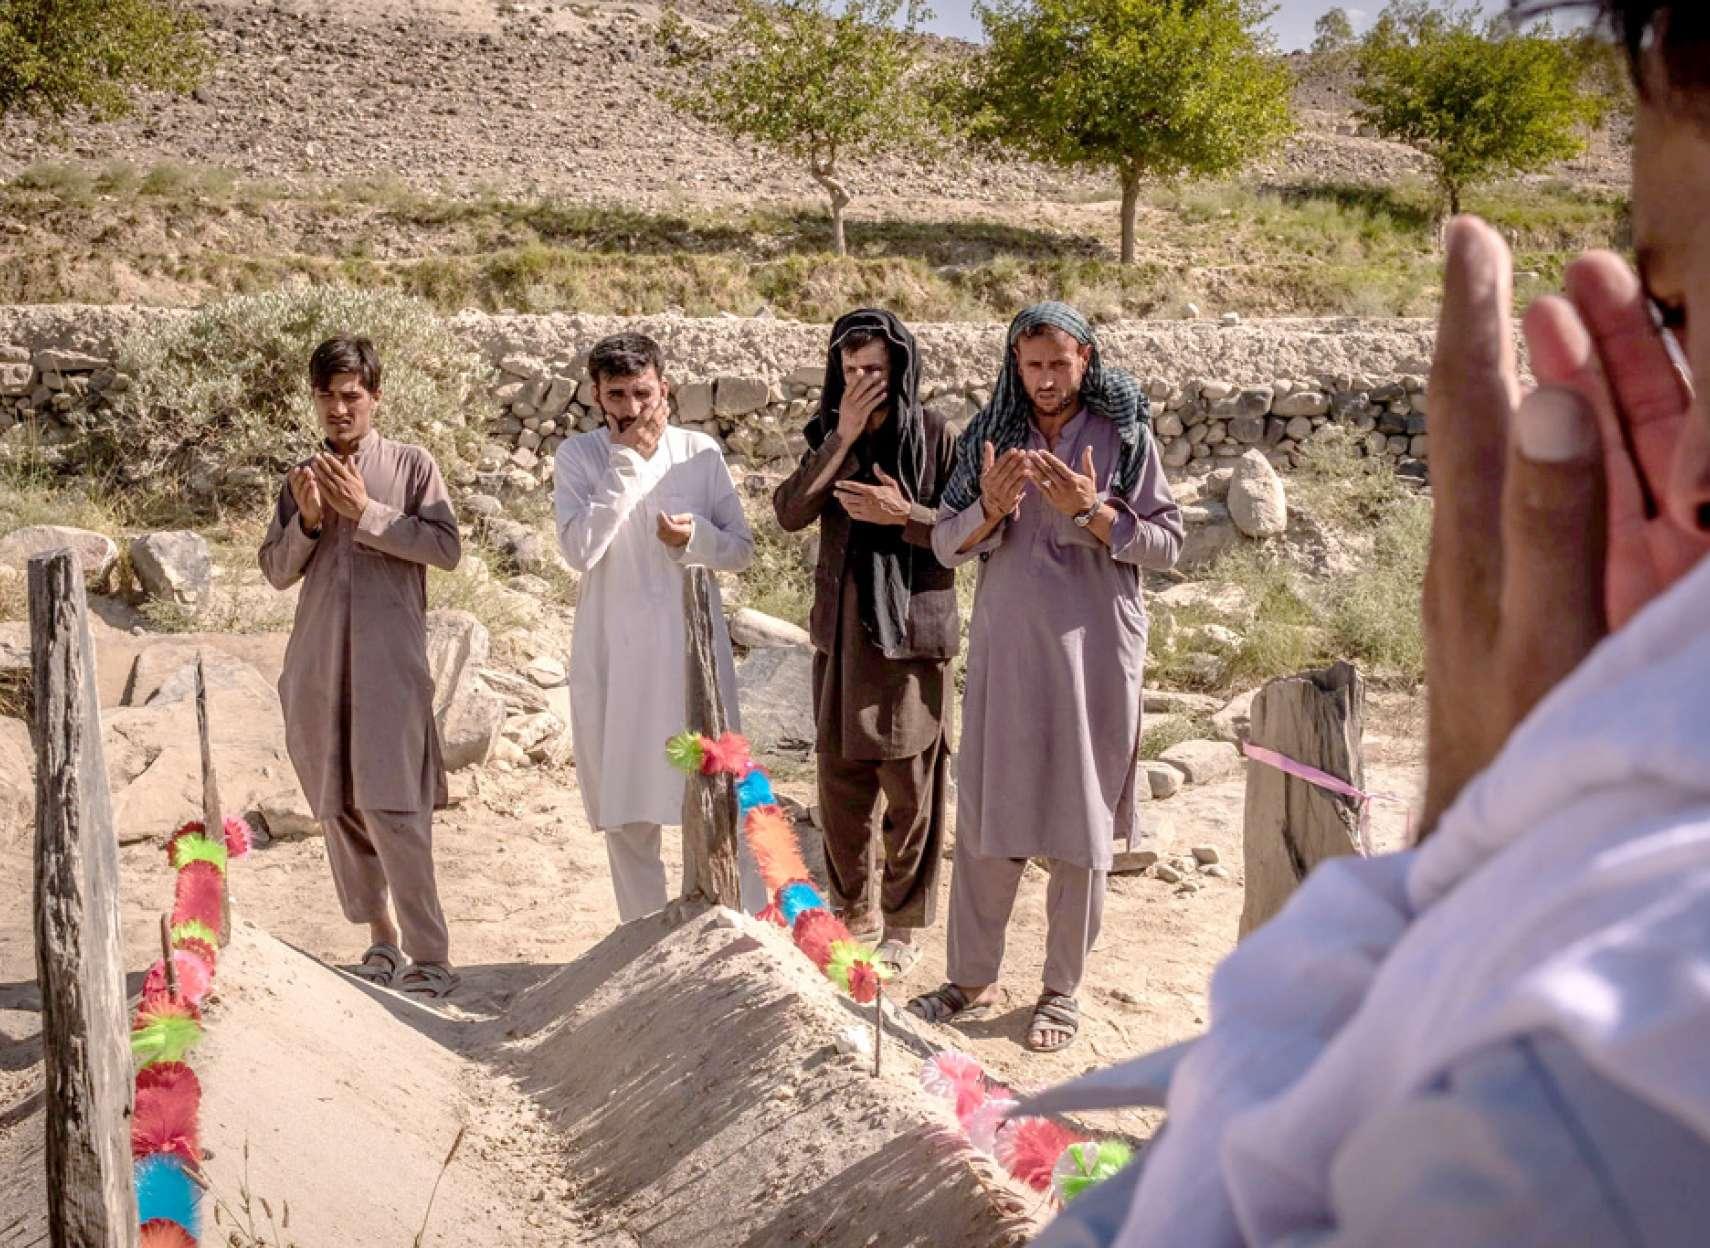 اخبار-جهان-نیروهای-آمریکایی-با-ارتش-افغانستان-بیشتر-از-طالبان-غیرنظامیان-را-میکُشند